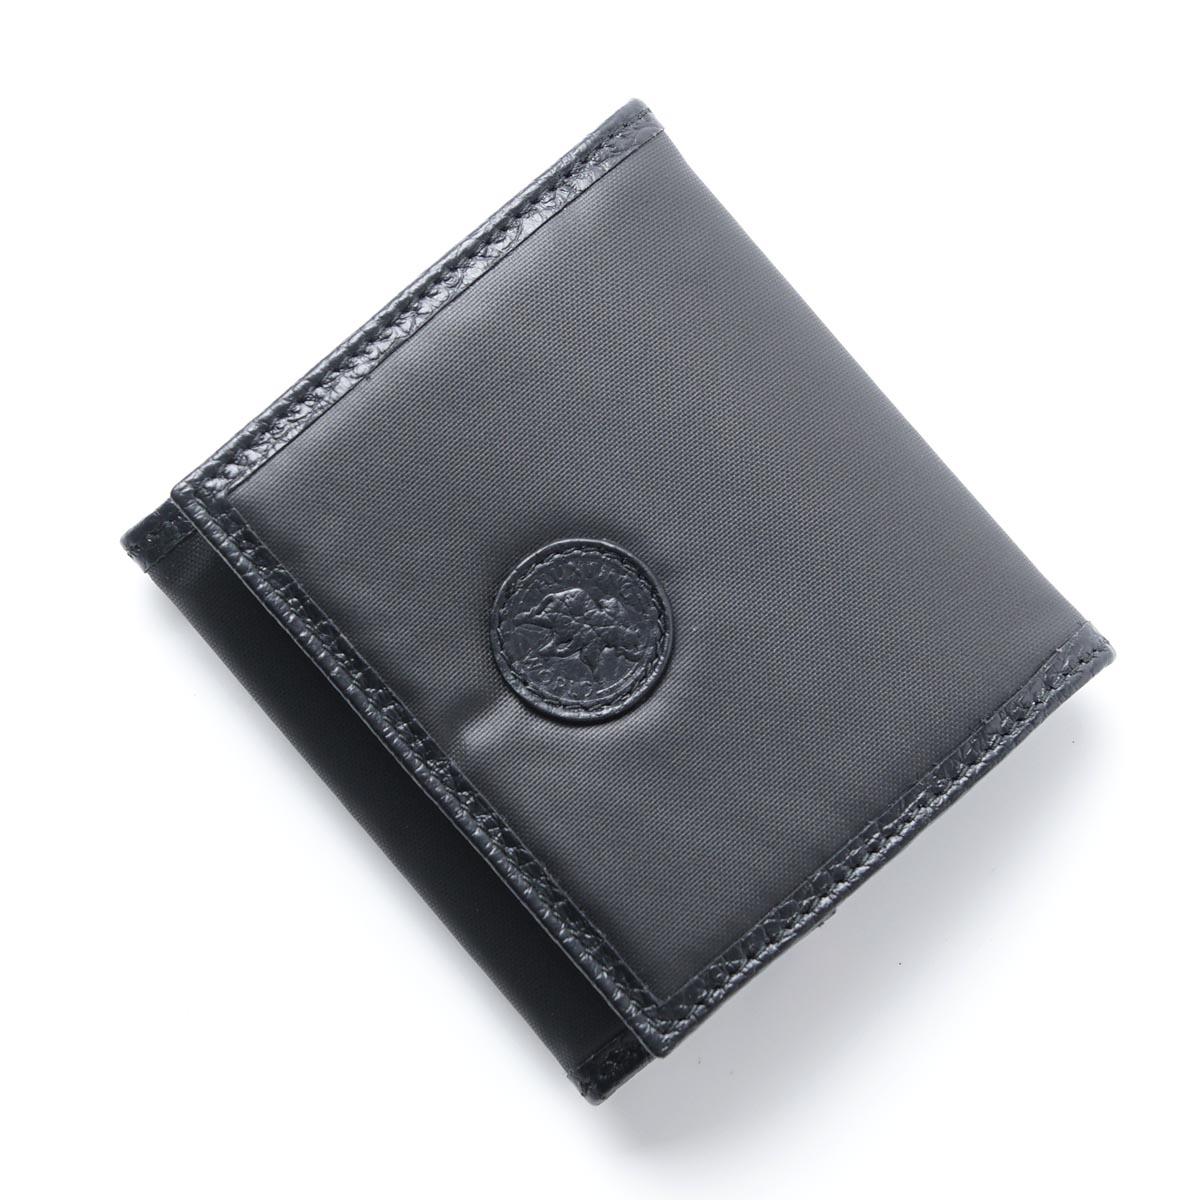 ハンティングワールド HUNTING WORLD コインケース ブラック メンズ ギフト プレゼント 13 13a BATTUE ORIGIN【あす楽対応_関東】【返品送料無料】【ラッピング無料】【190326】